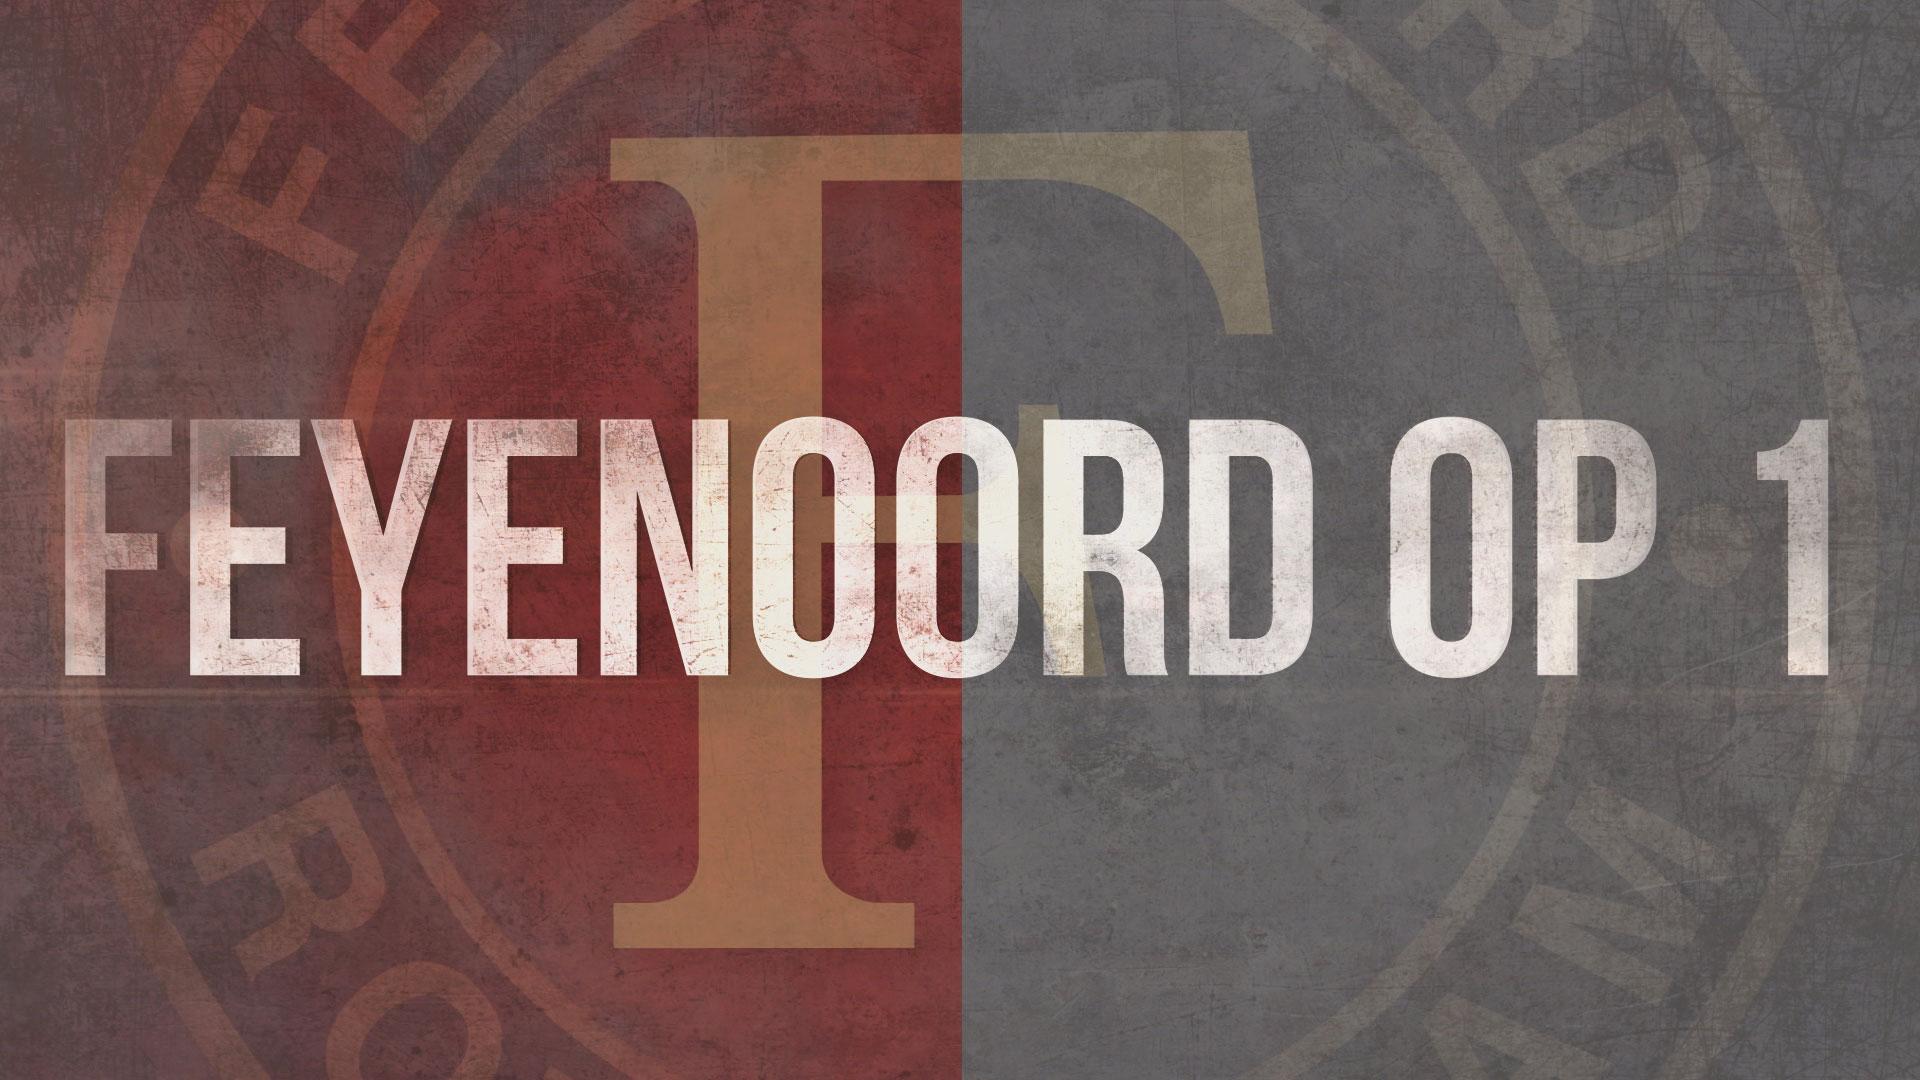 Feyenoord op 1